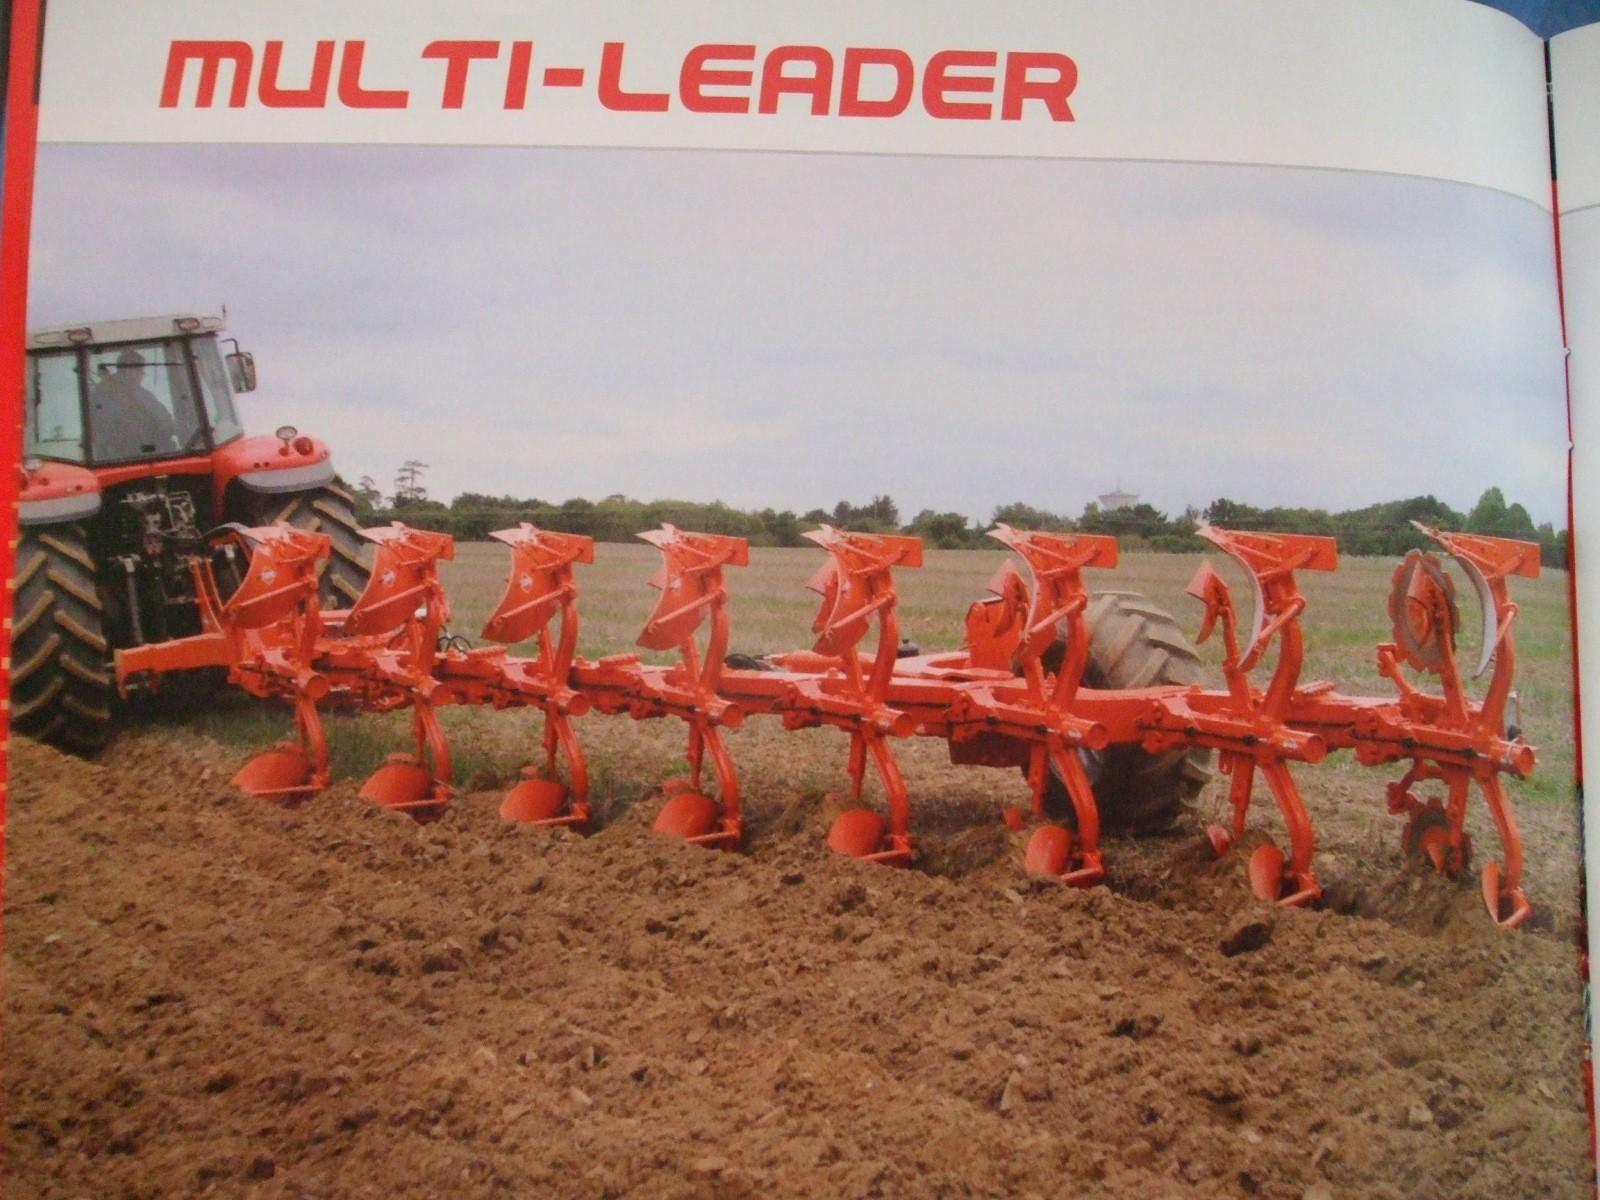 multi-leader